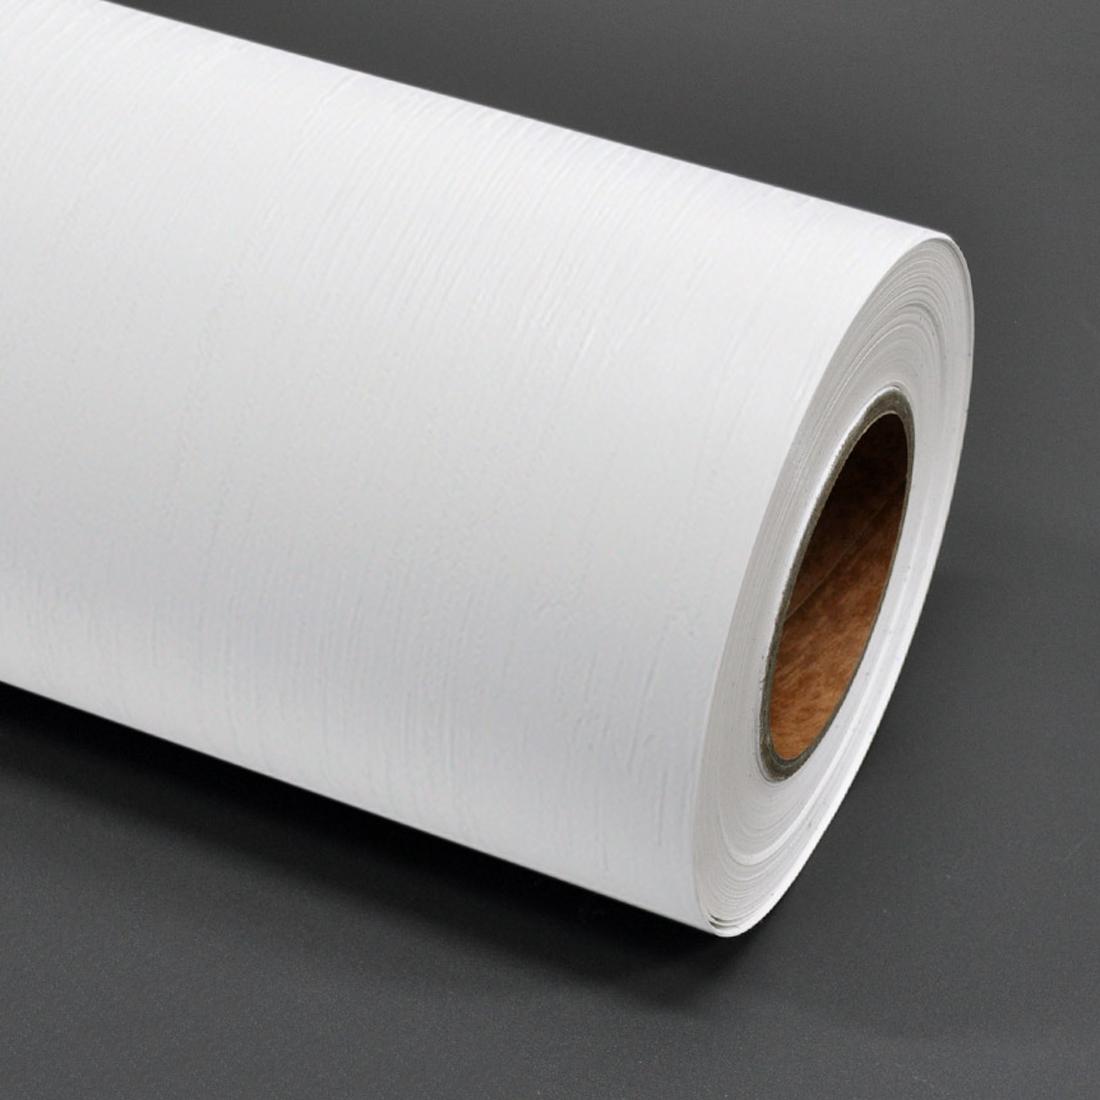 데코리아 현대인테리어필름 에어프리 생활방수 접착식 단색컬러시트지필름, SL513 화이트우드